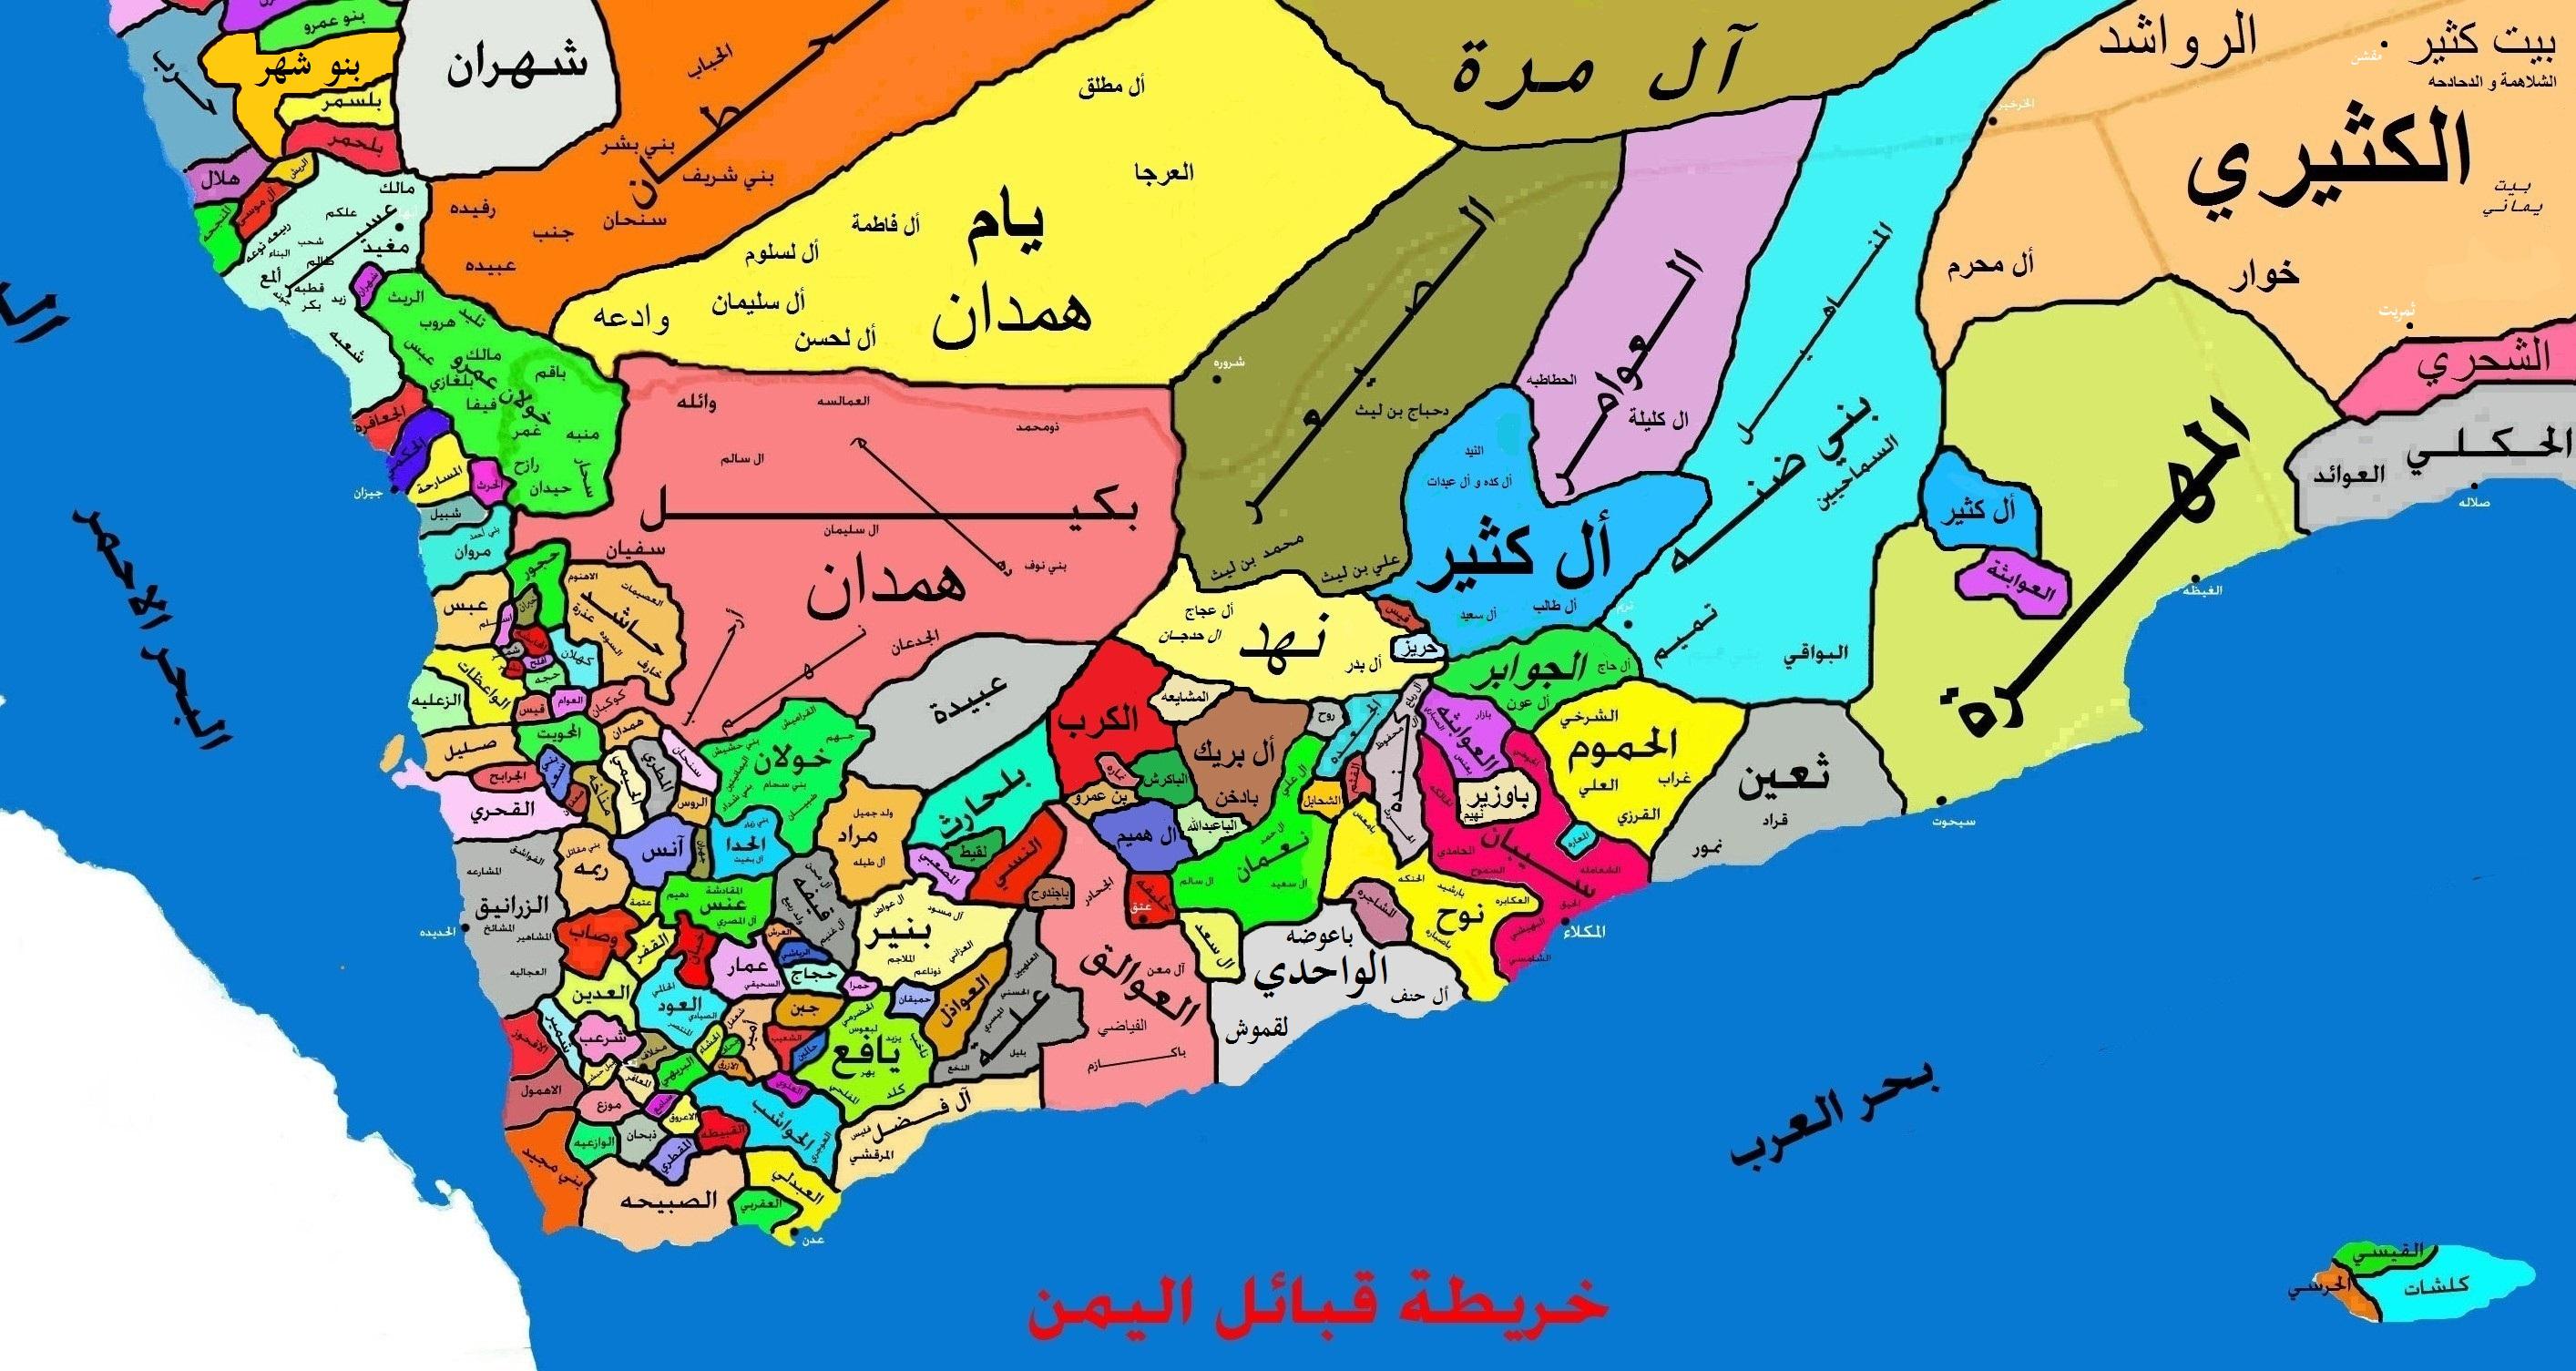 ملف خريطة قبائل اليمن و جنوب المملكة السعودية و قبائل الجزيرة العربية و الربع الخالي Jpg ويكيبيديا